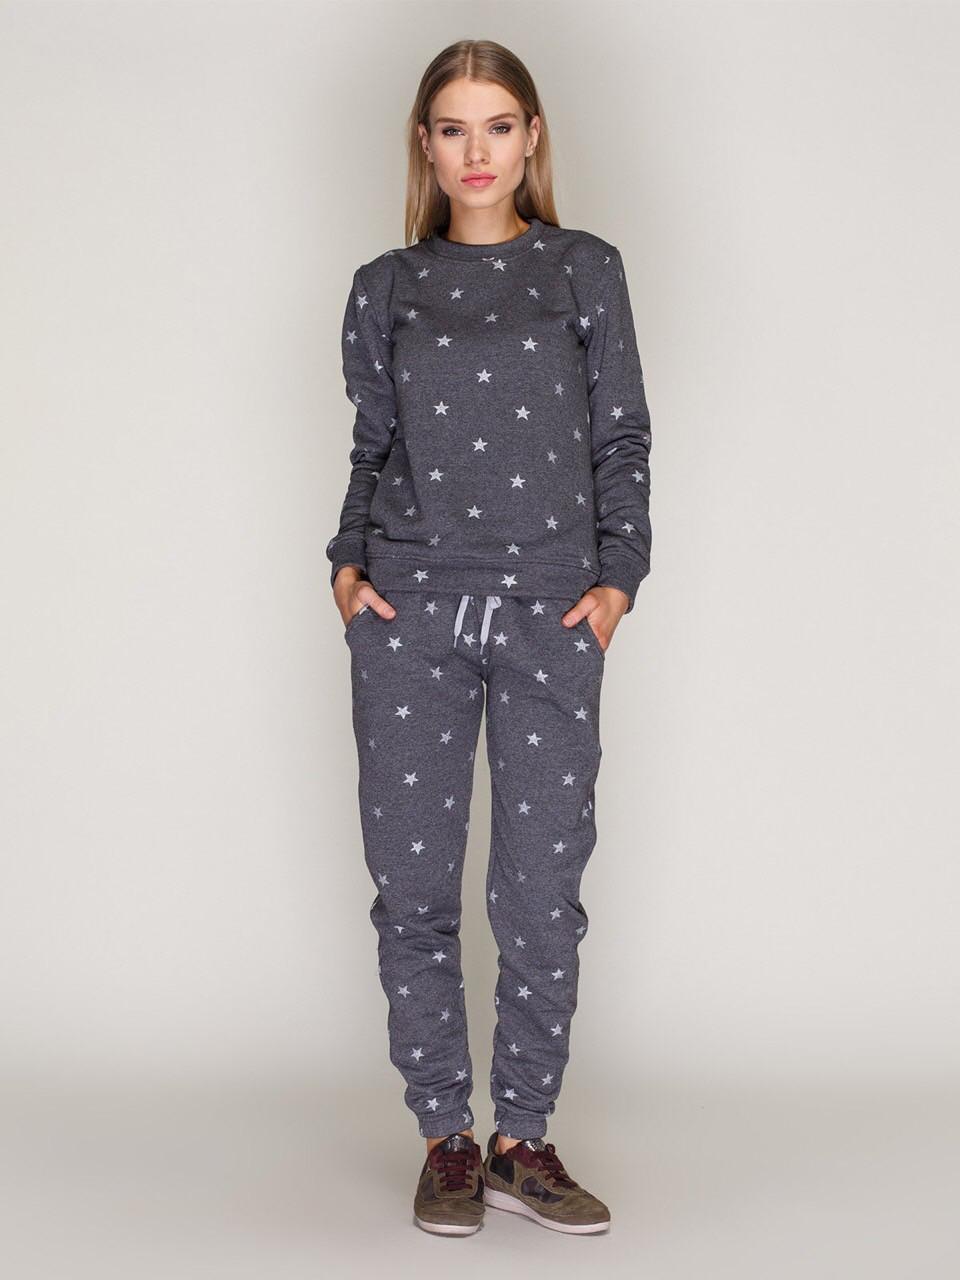 Костюм женский, свитшот и спортивные штаны, графит со звёздами